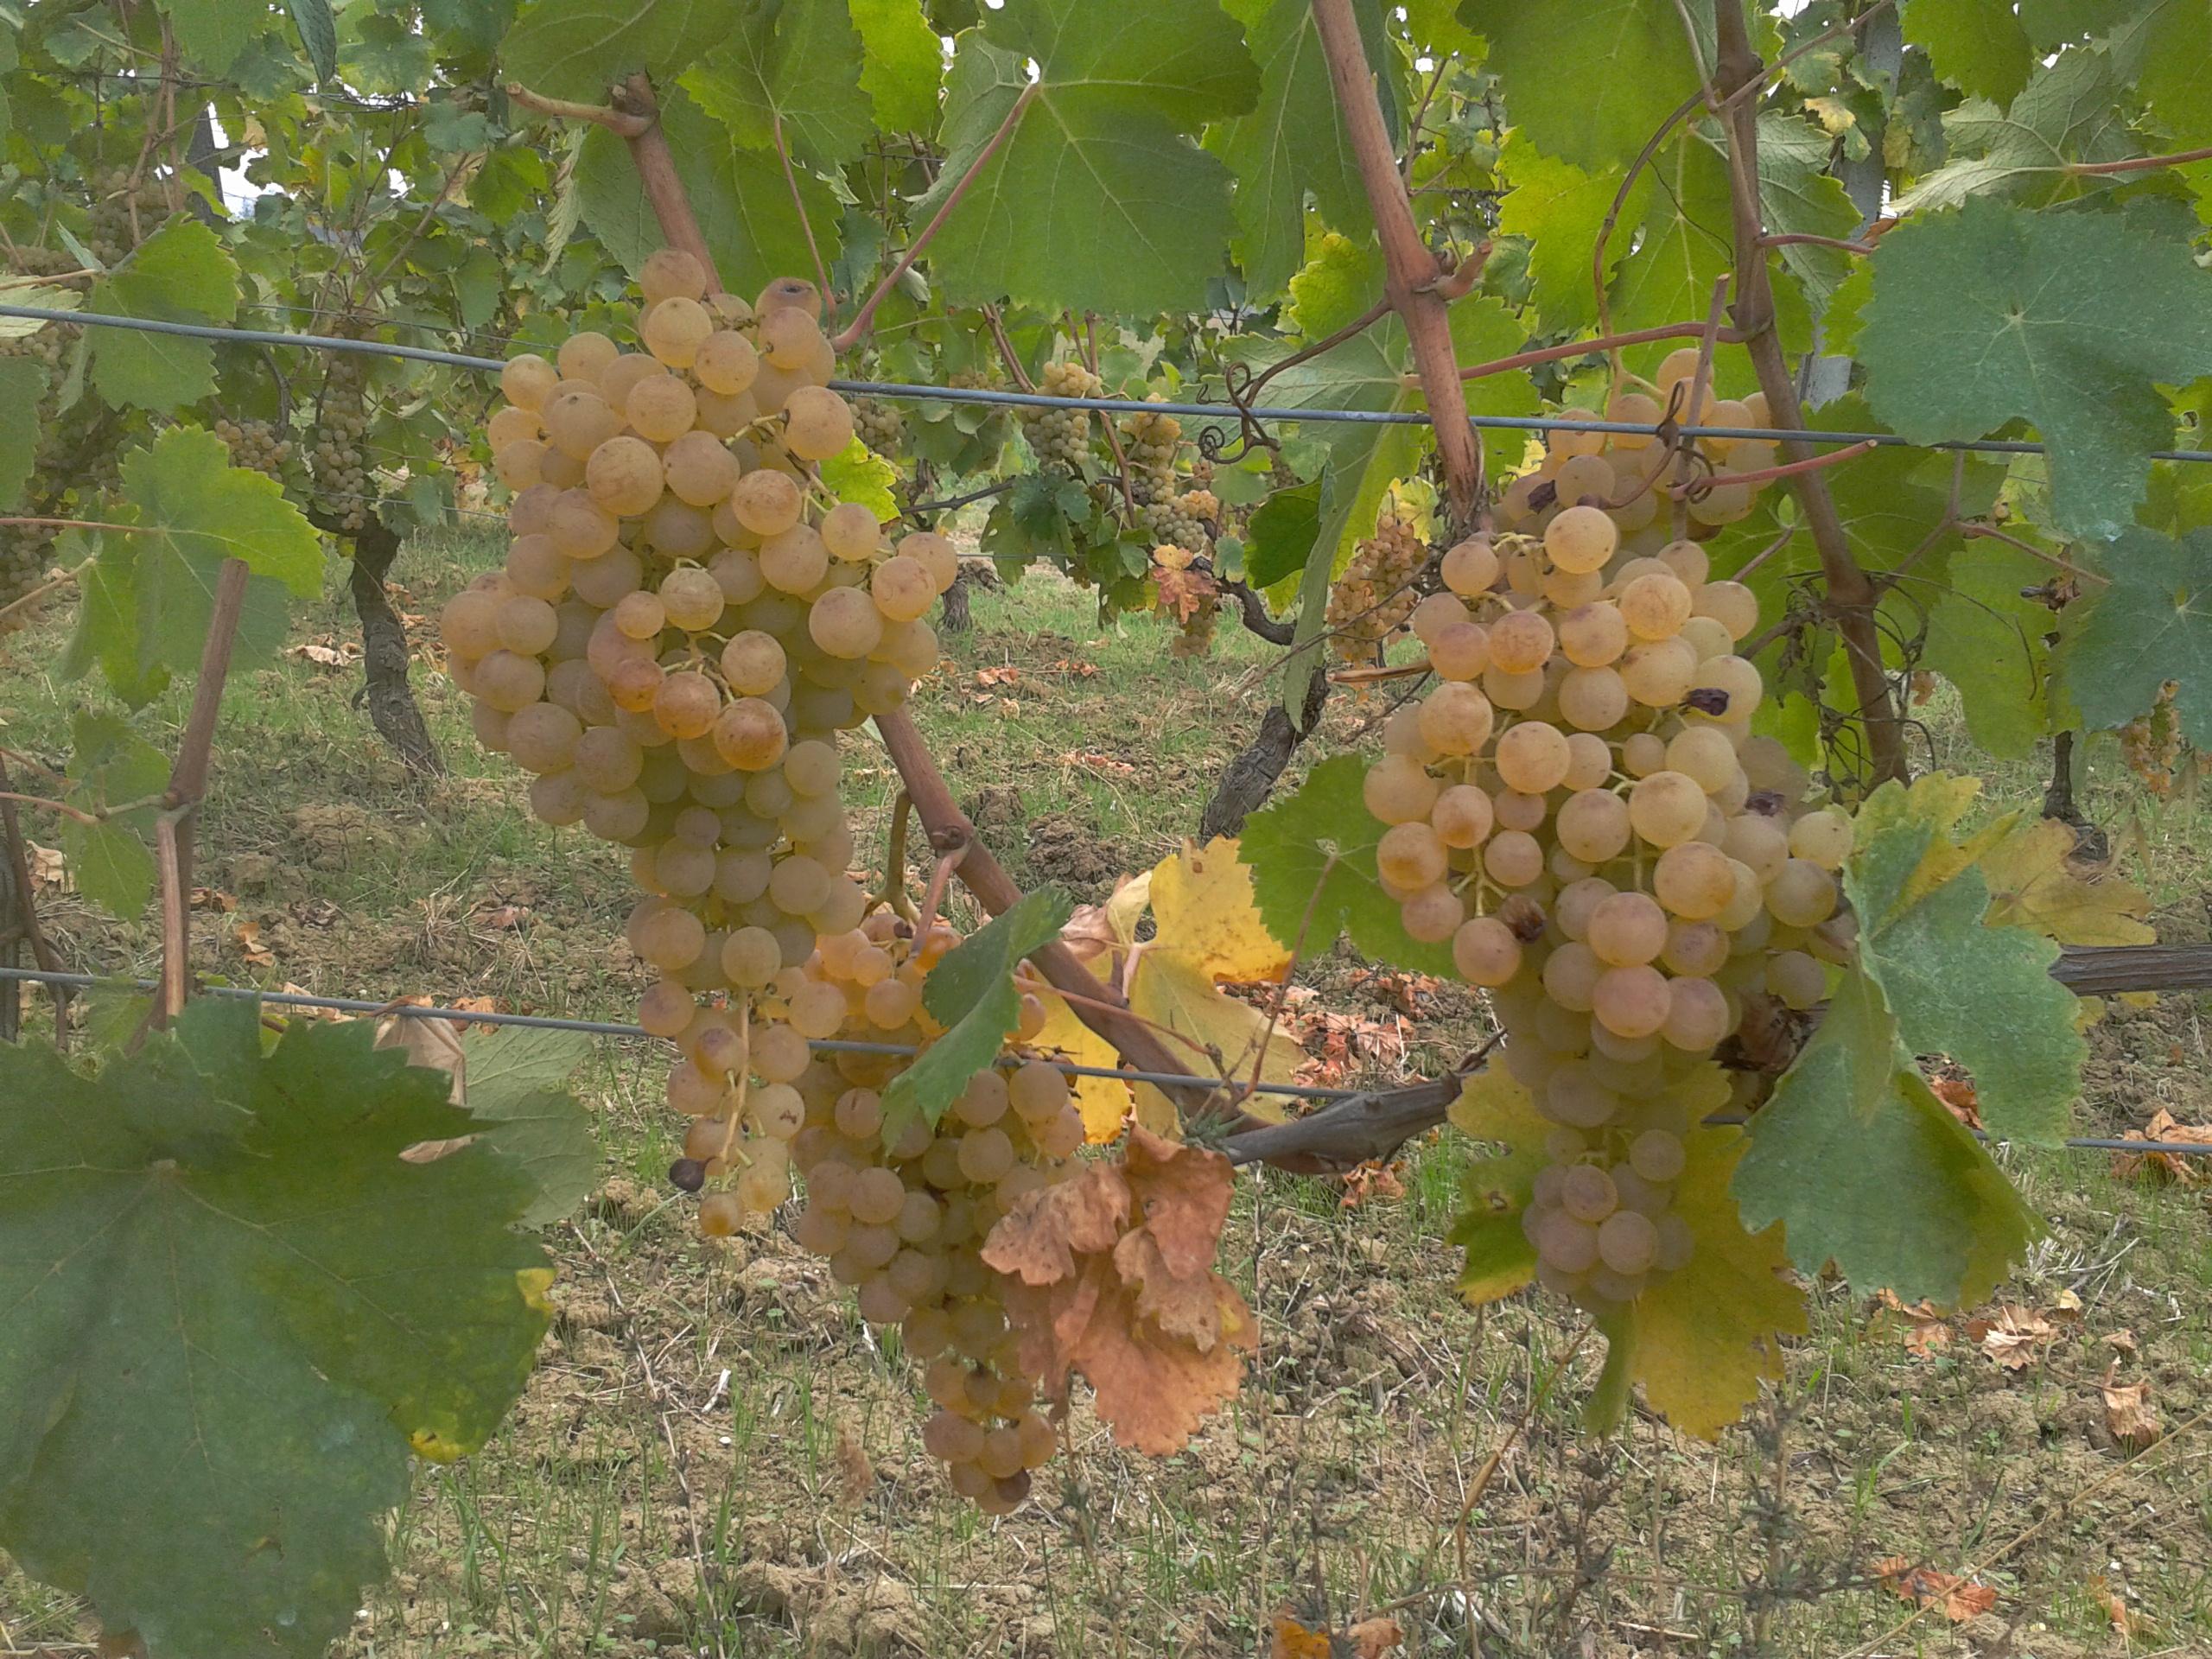 Grappoli d'uva: un simbolo dei nostri percorsi culturali per Expo 2015